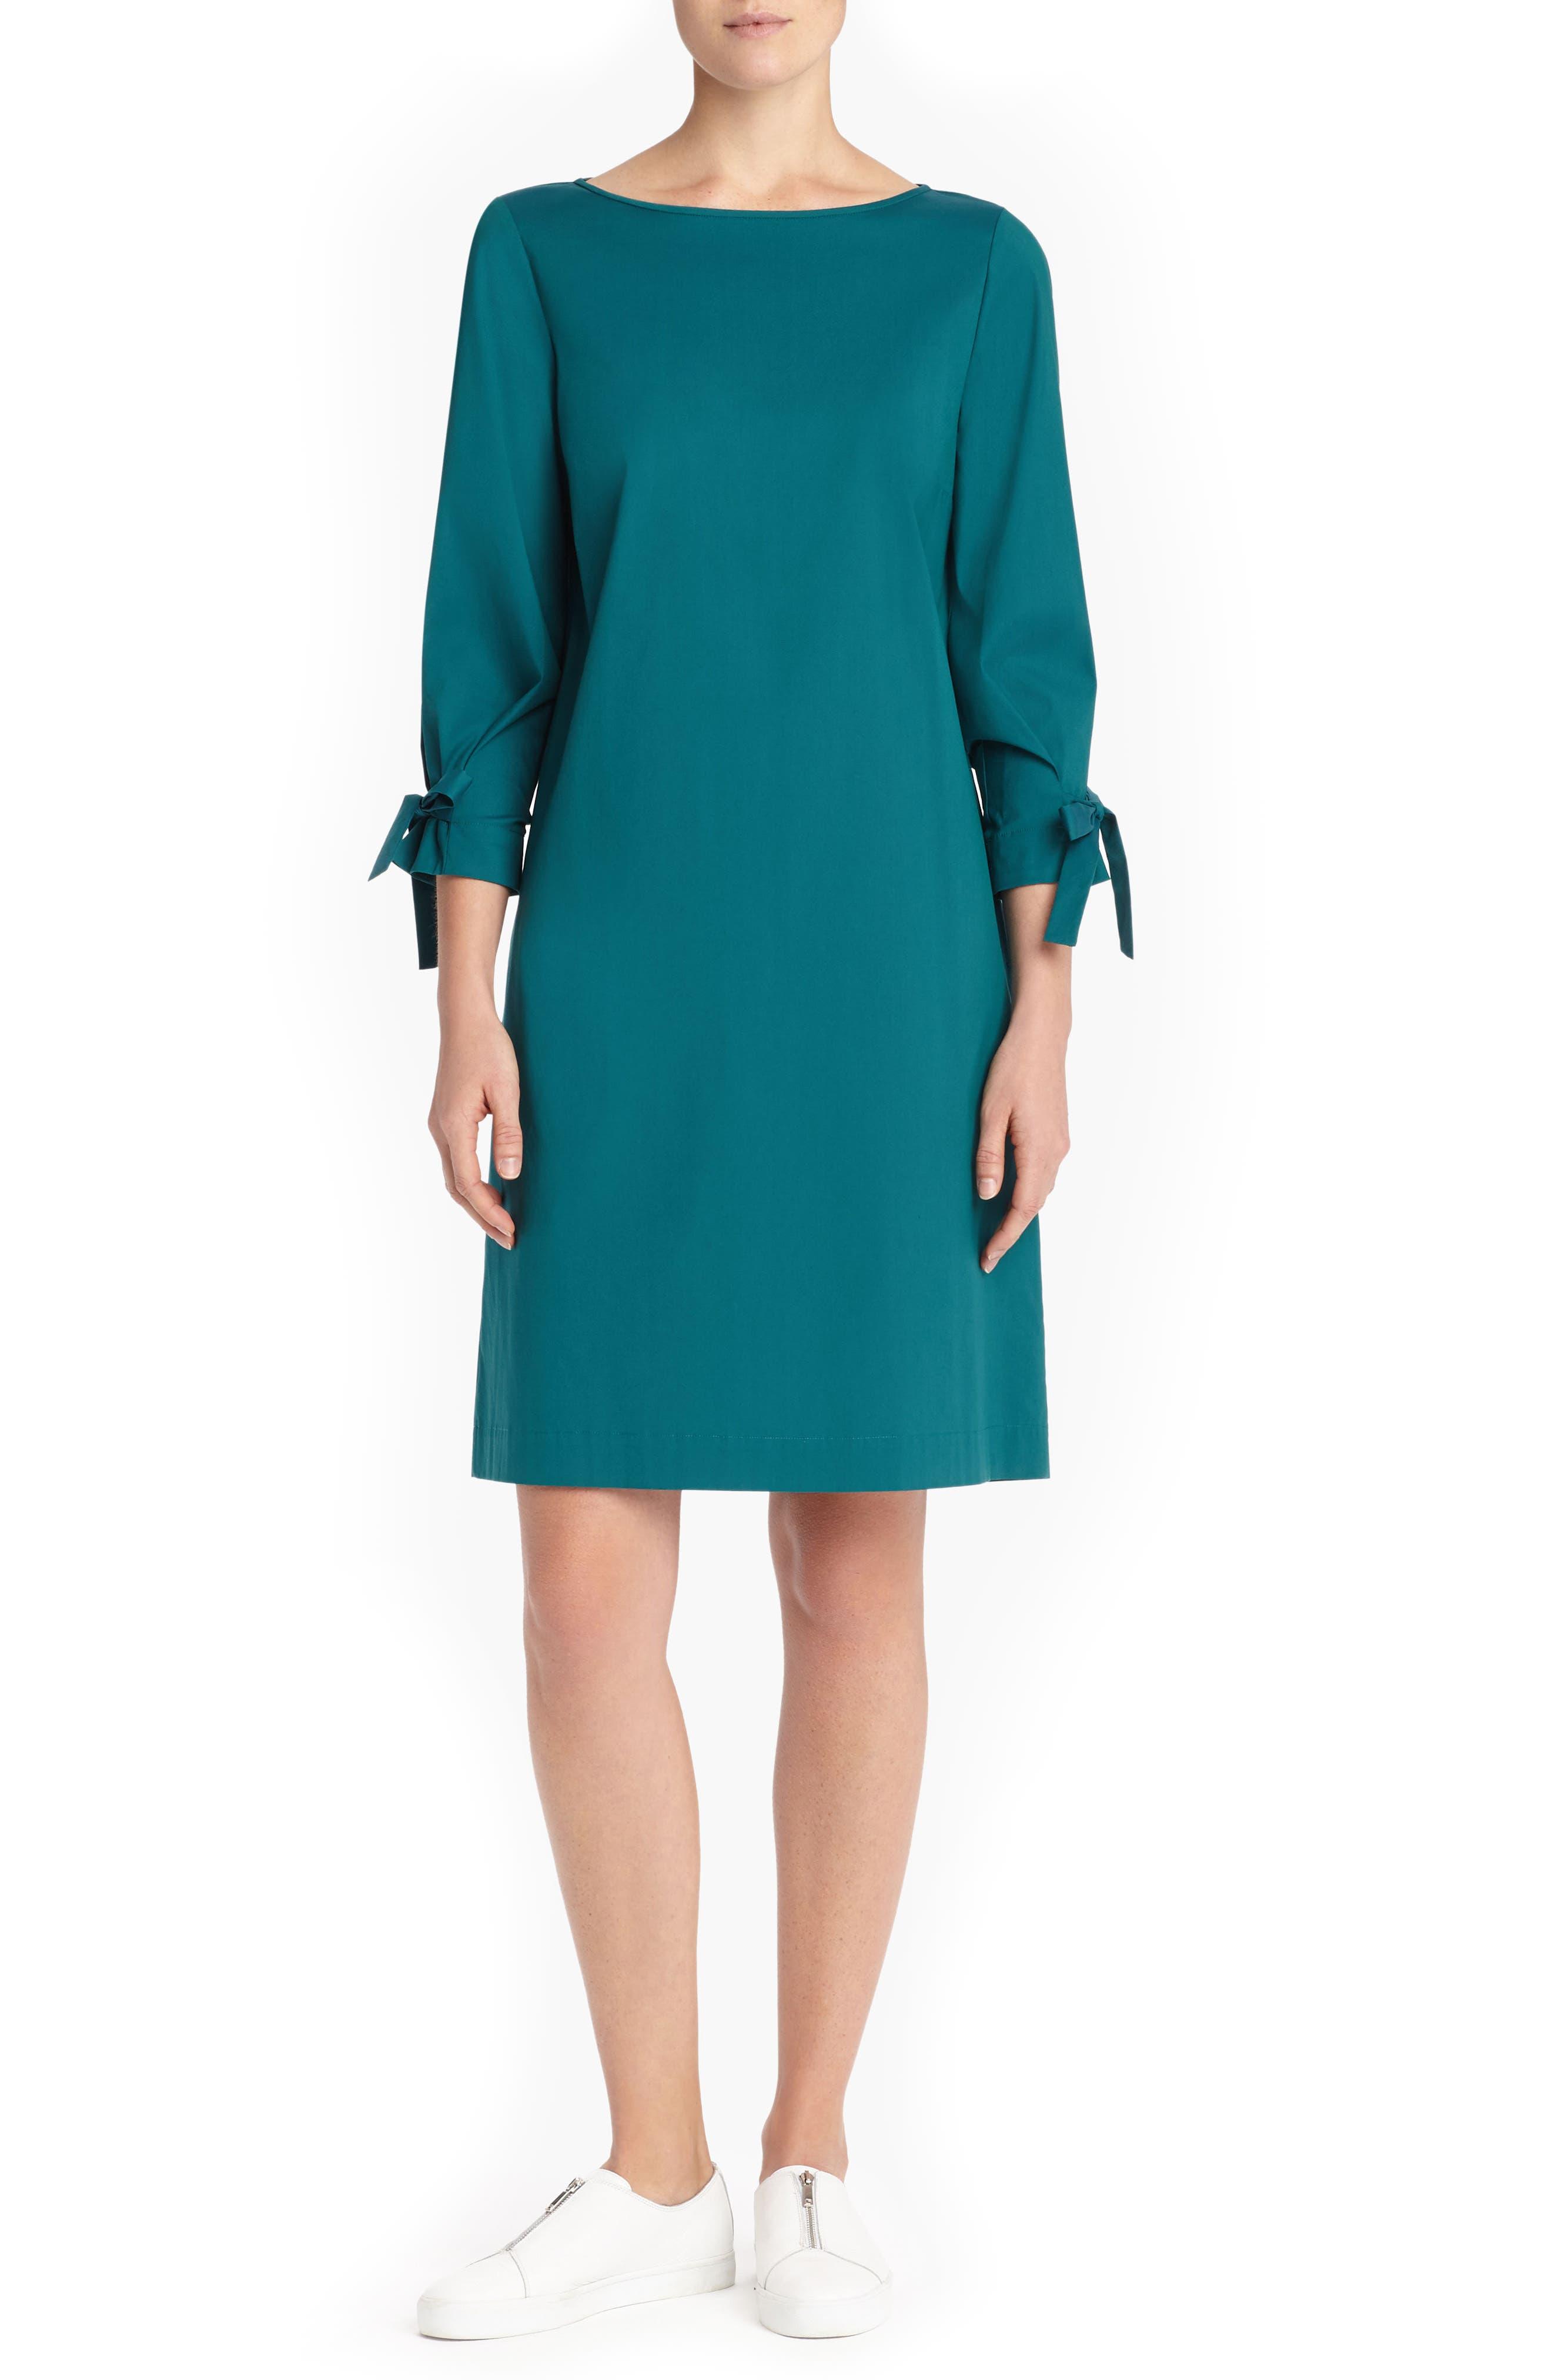 Paige Cotton Blend Dress,                             Main thumbnail 1, color,                             ATLANTIC TEAL